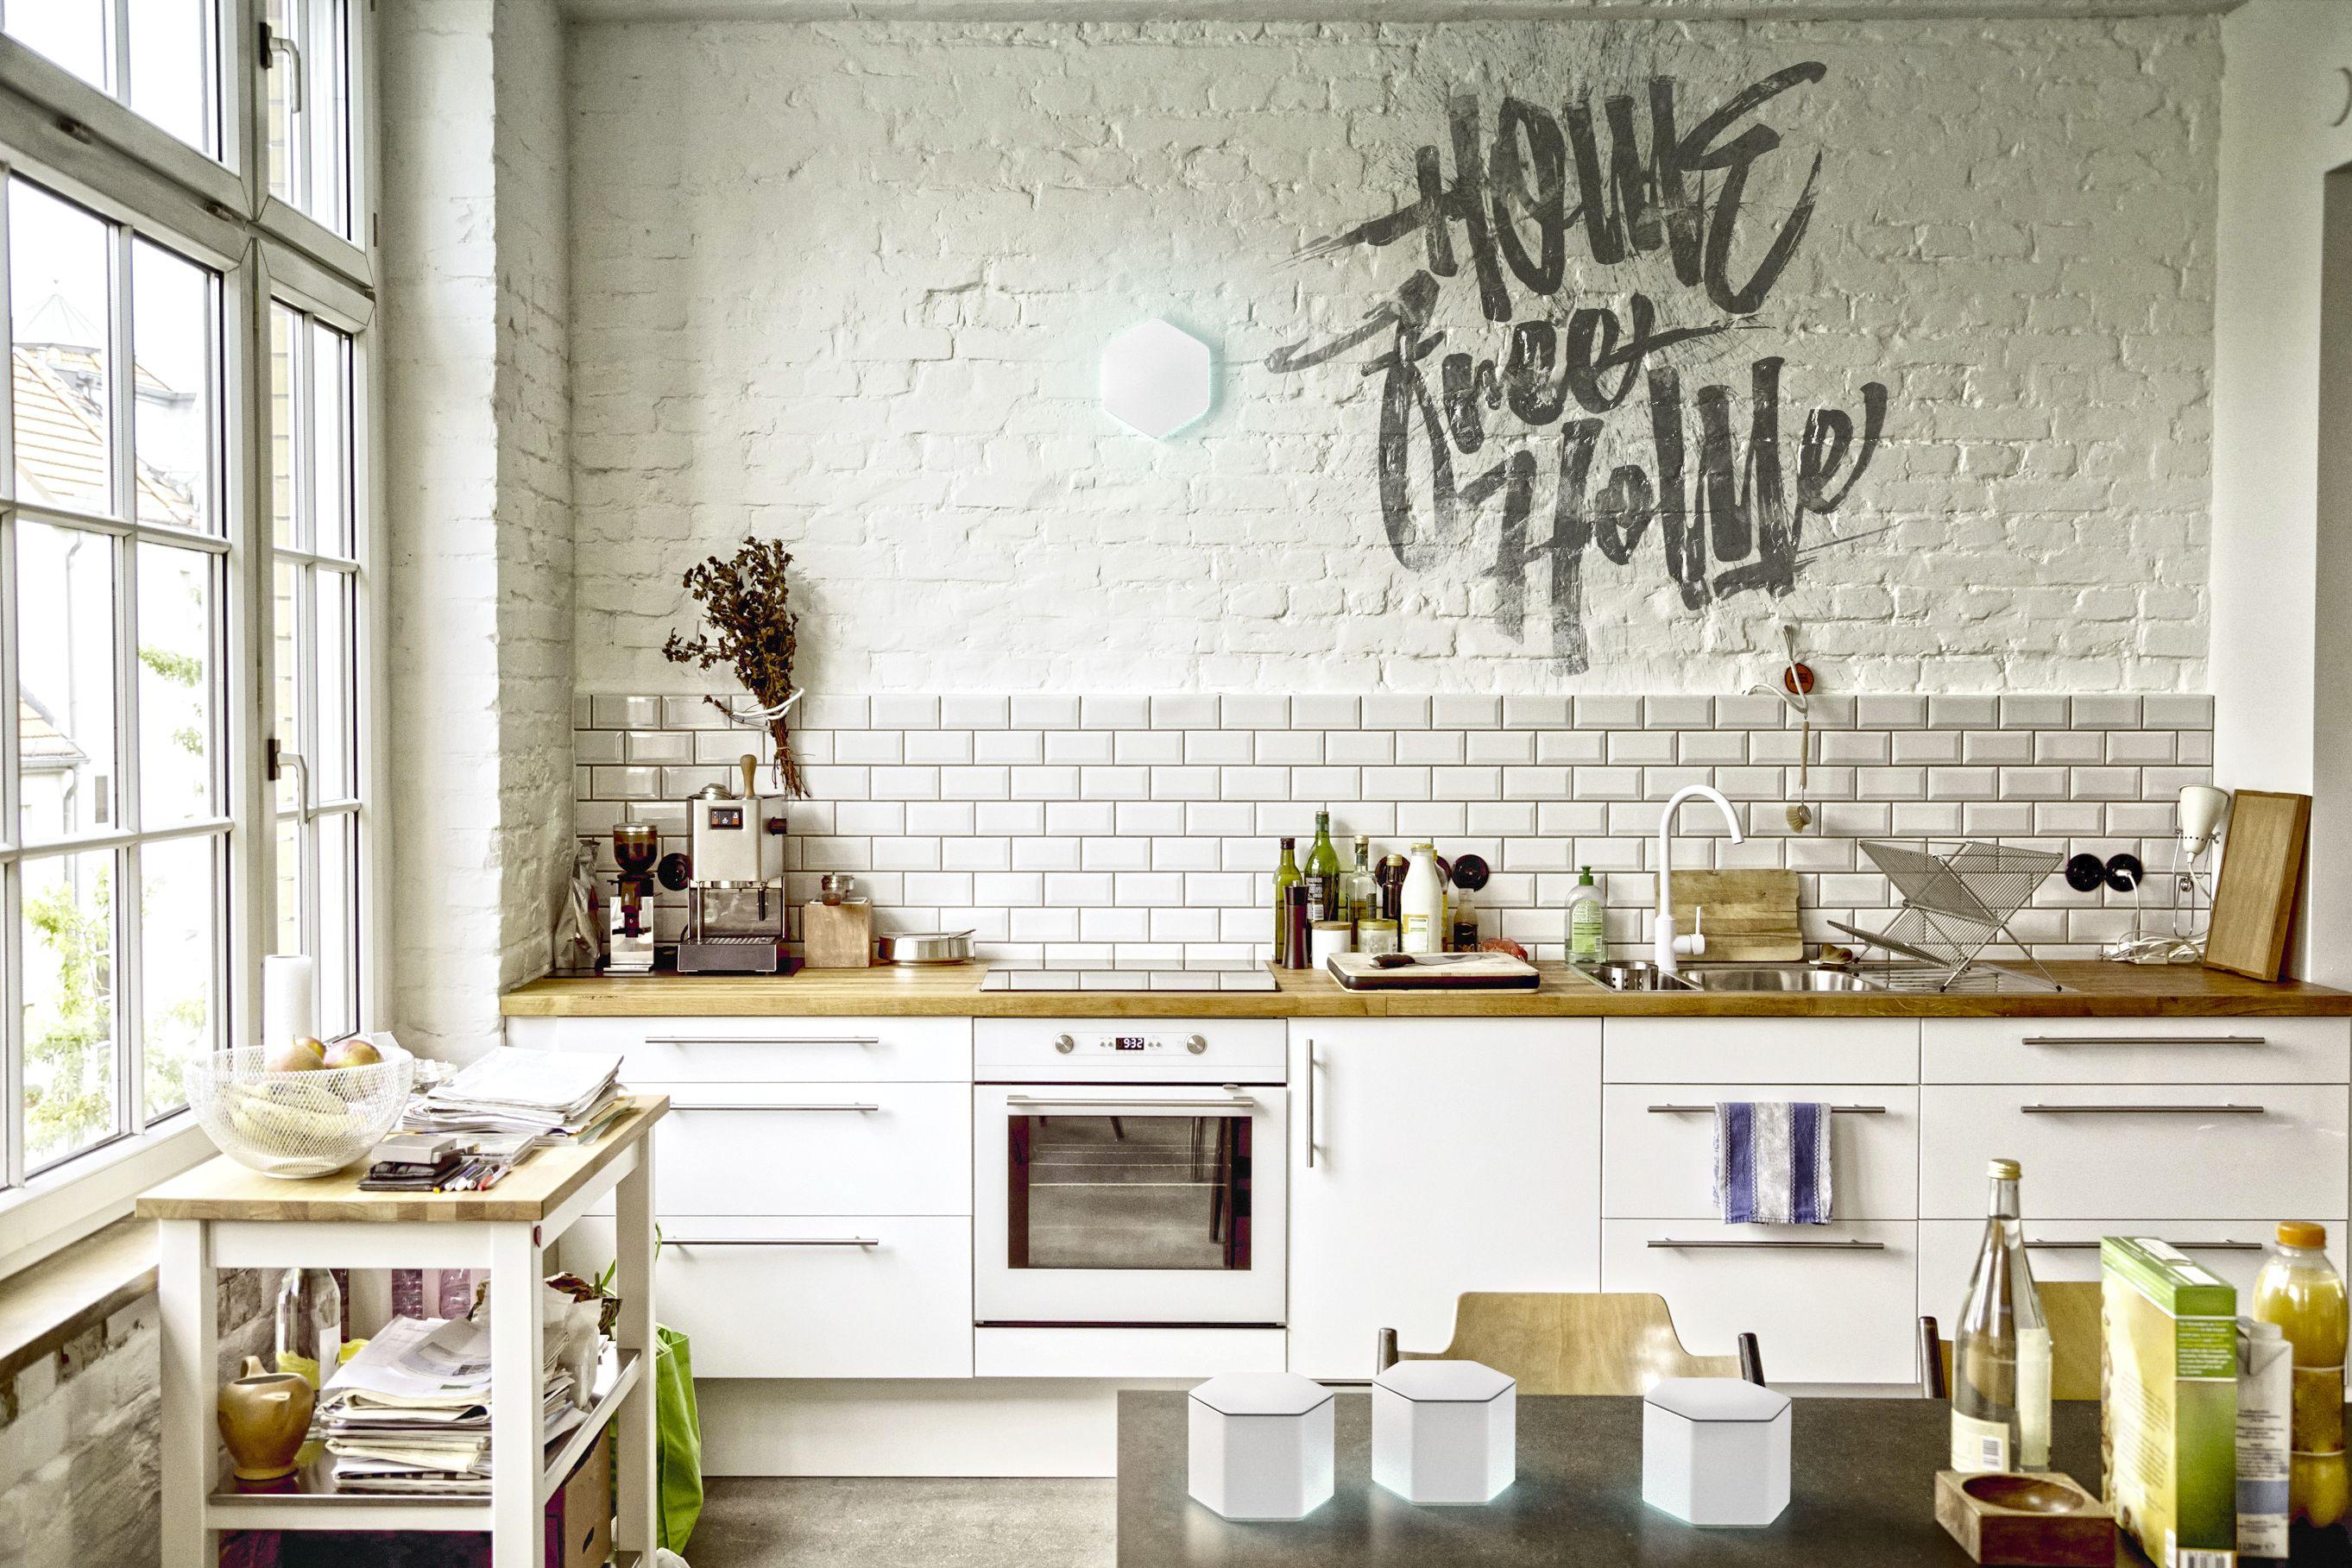 Protonet Zoe: Das Smart Home, das wir uns immer gewünscht haben?